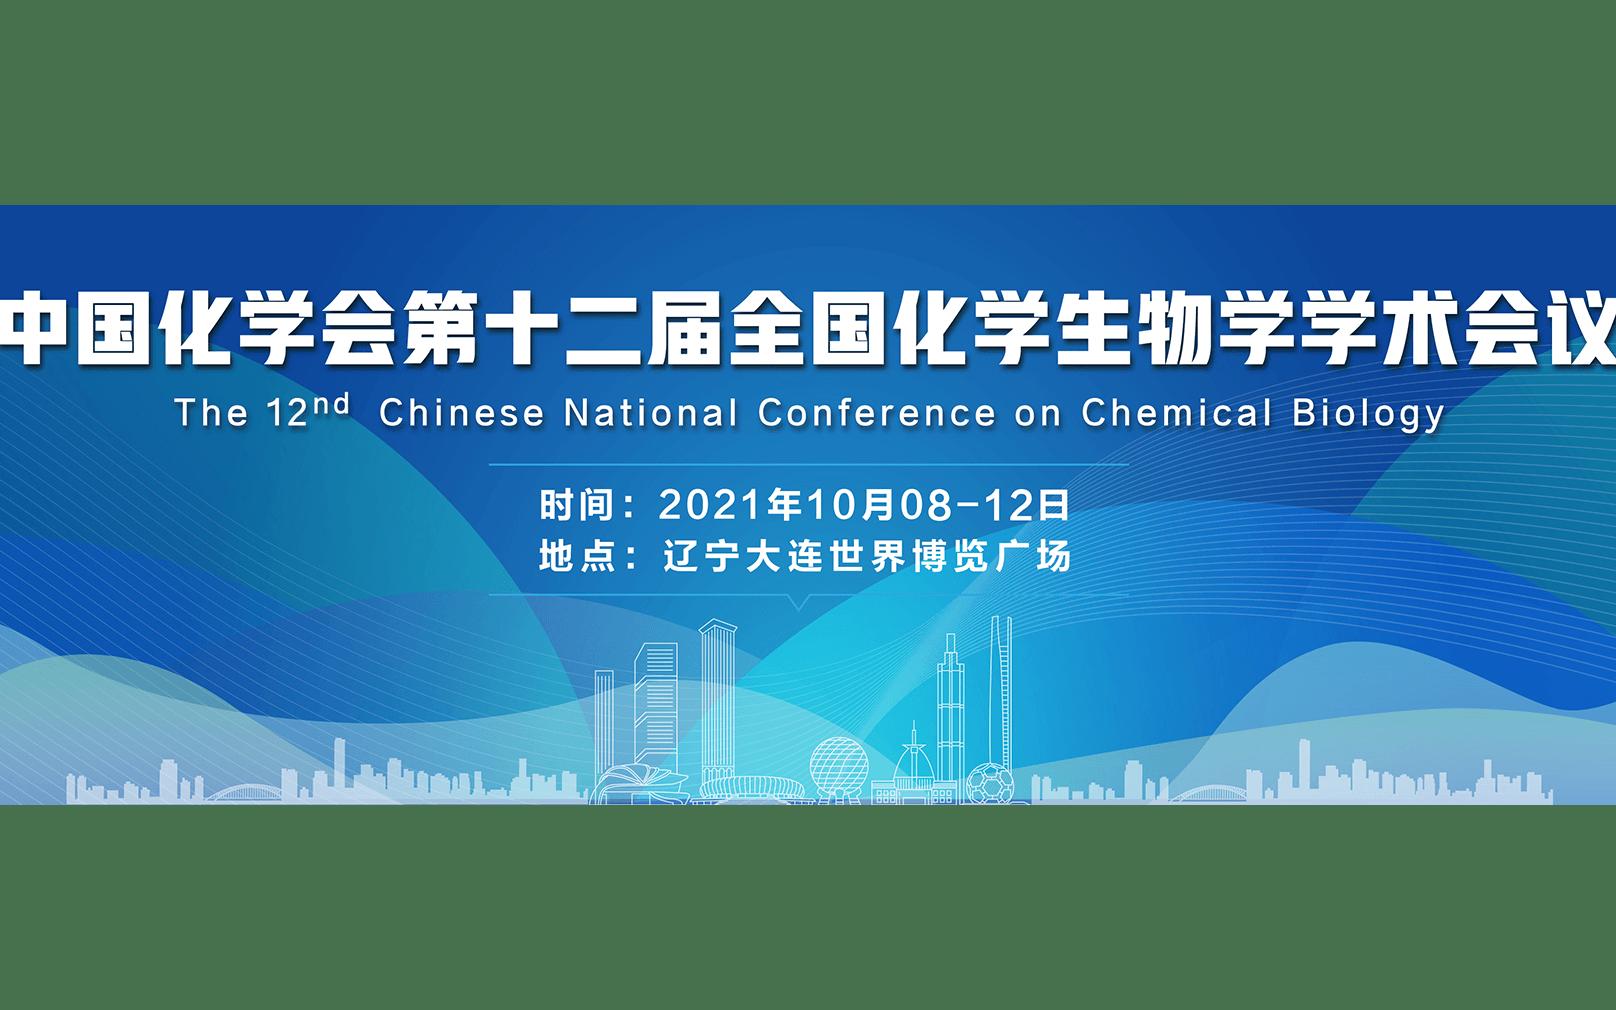 中国化学会第十二届全国化学生物学学术会议